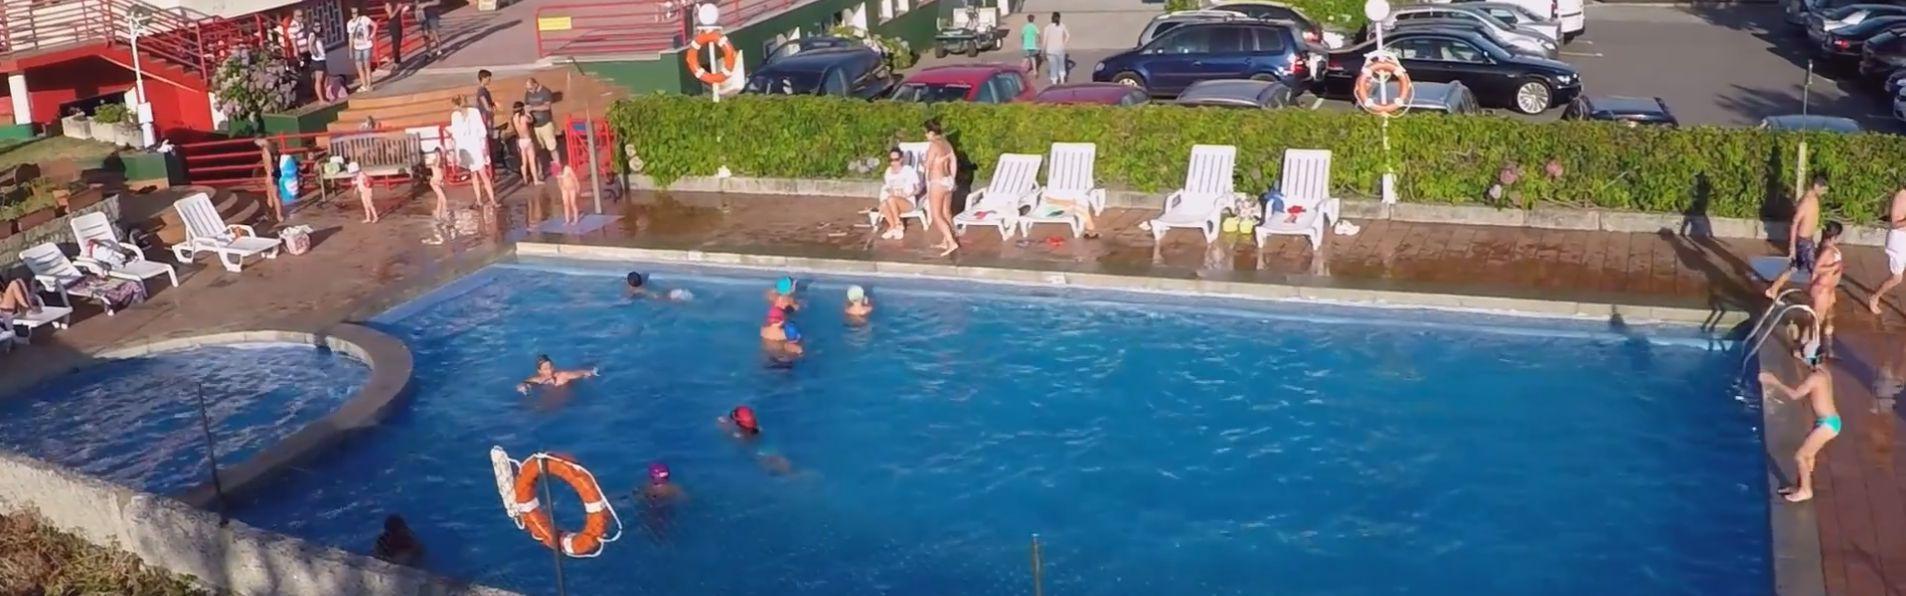 Camping siglo xxi 17630 camping siglo xxi piscina for Piscina siglo xxi zaragoza